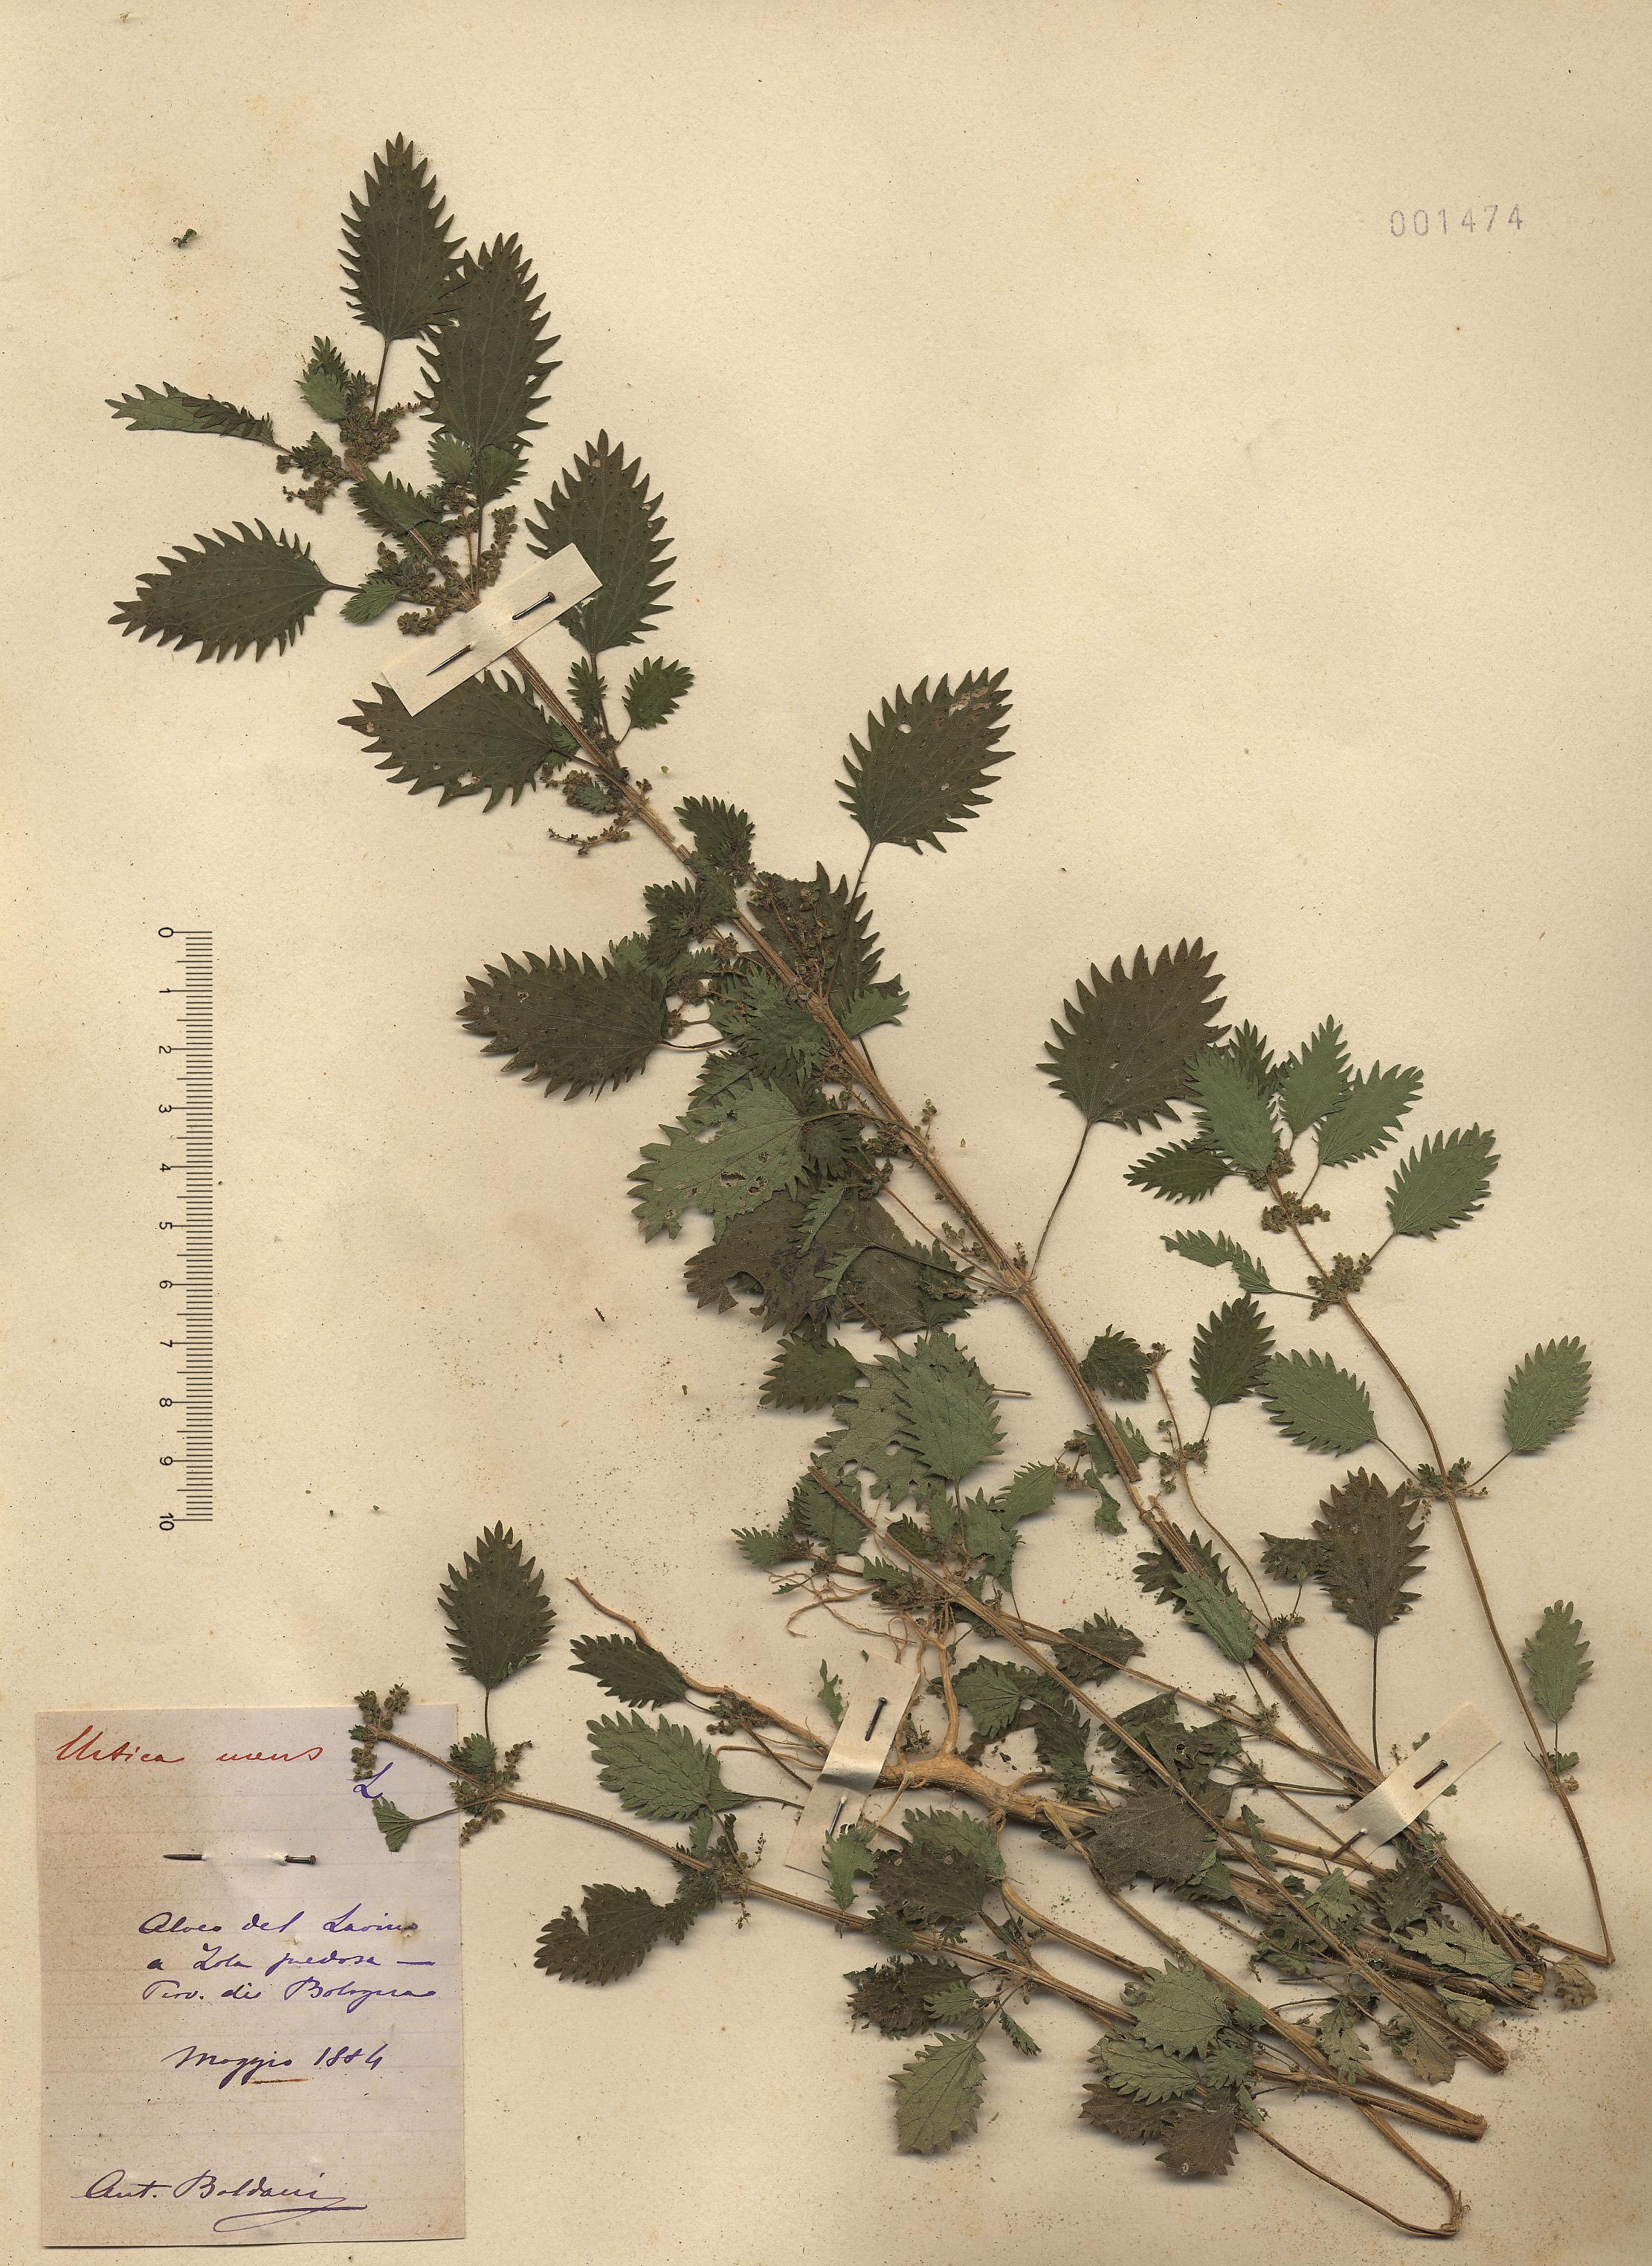 © Hortus Botanicus Catinensis- Herb. sheet 001474<br>